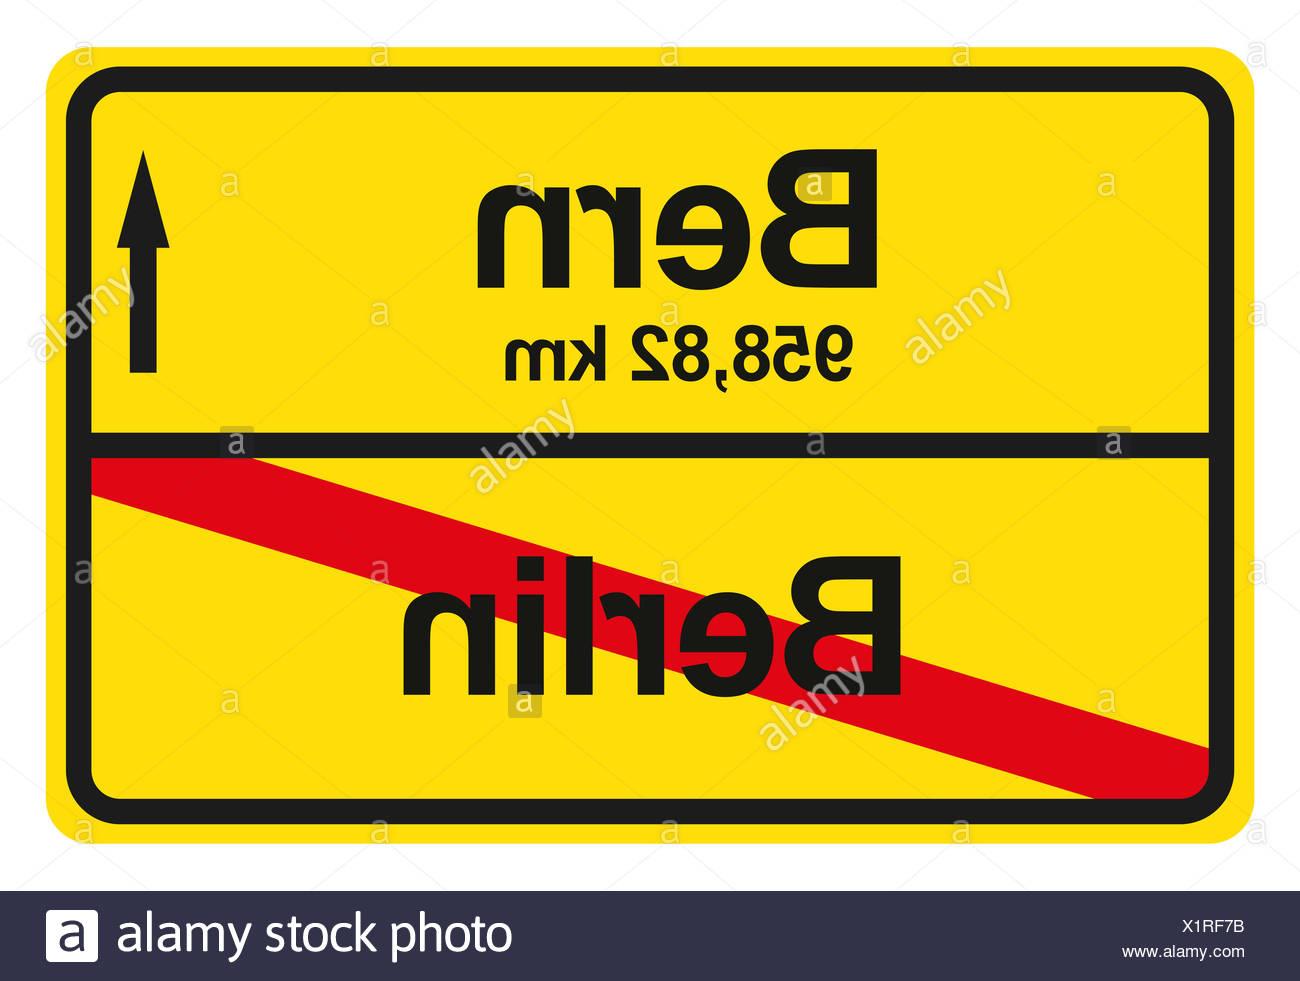 Ein gelbes Ortsausgangschild mit der jeweiligen Entfernung von einem Ort zum anderen. - Stock Image